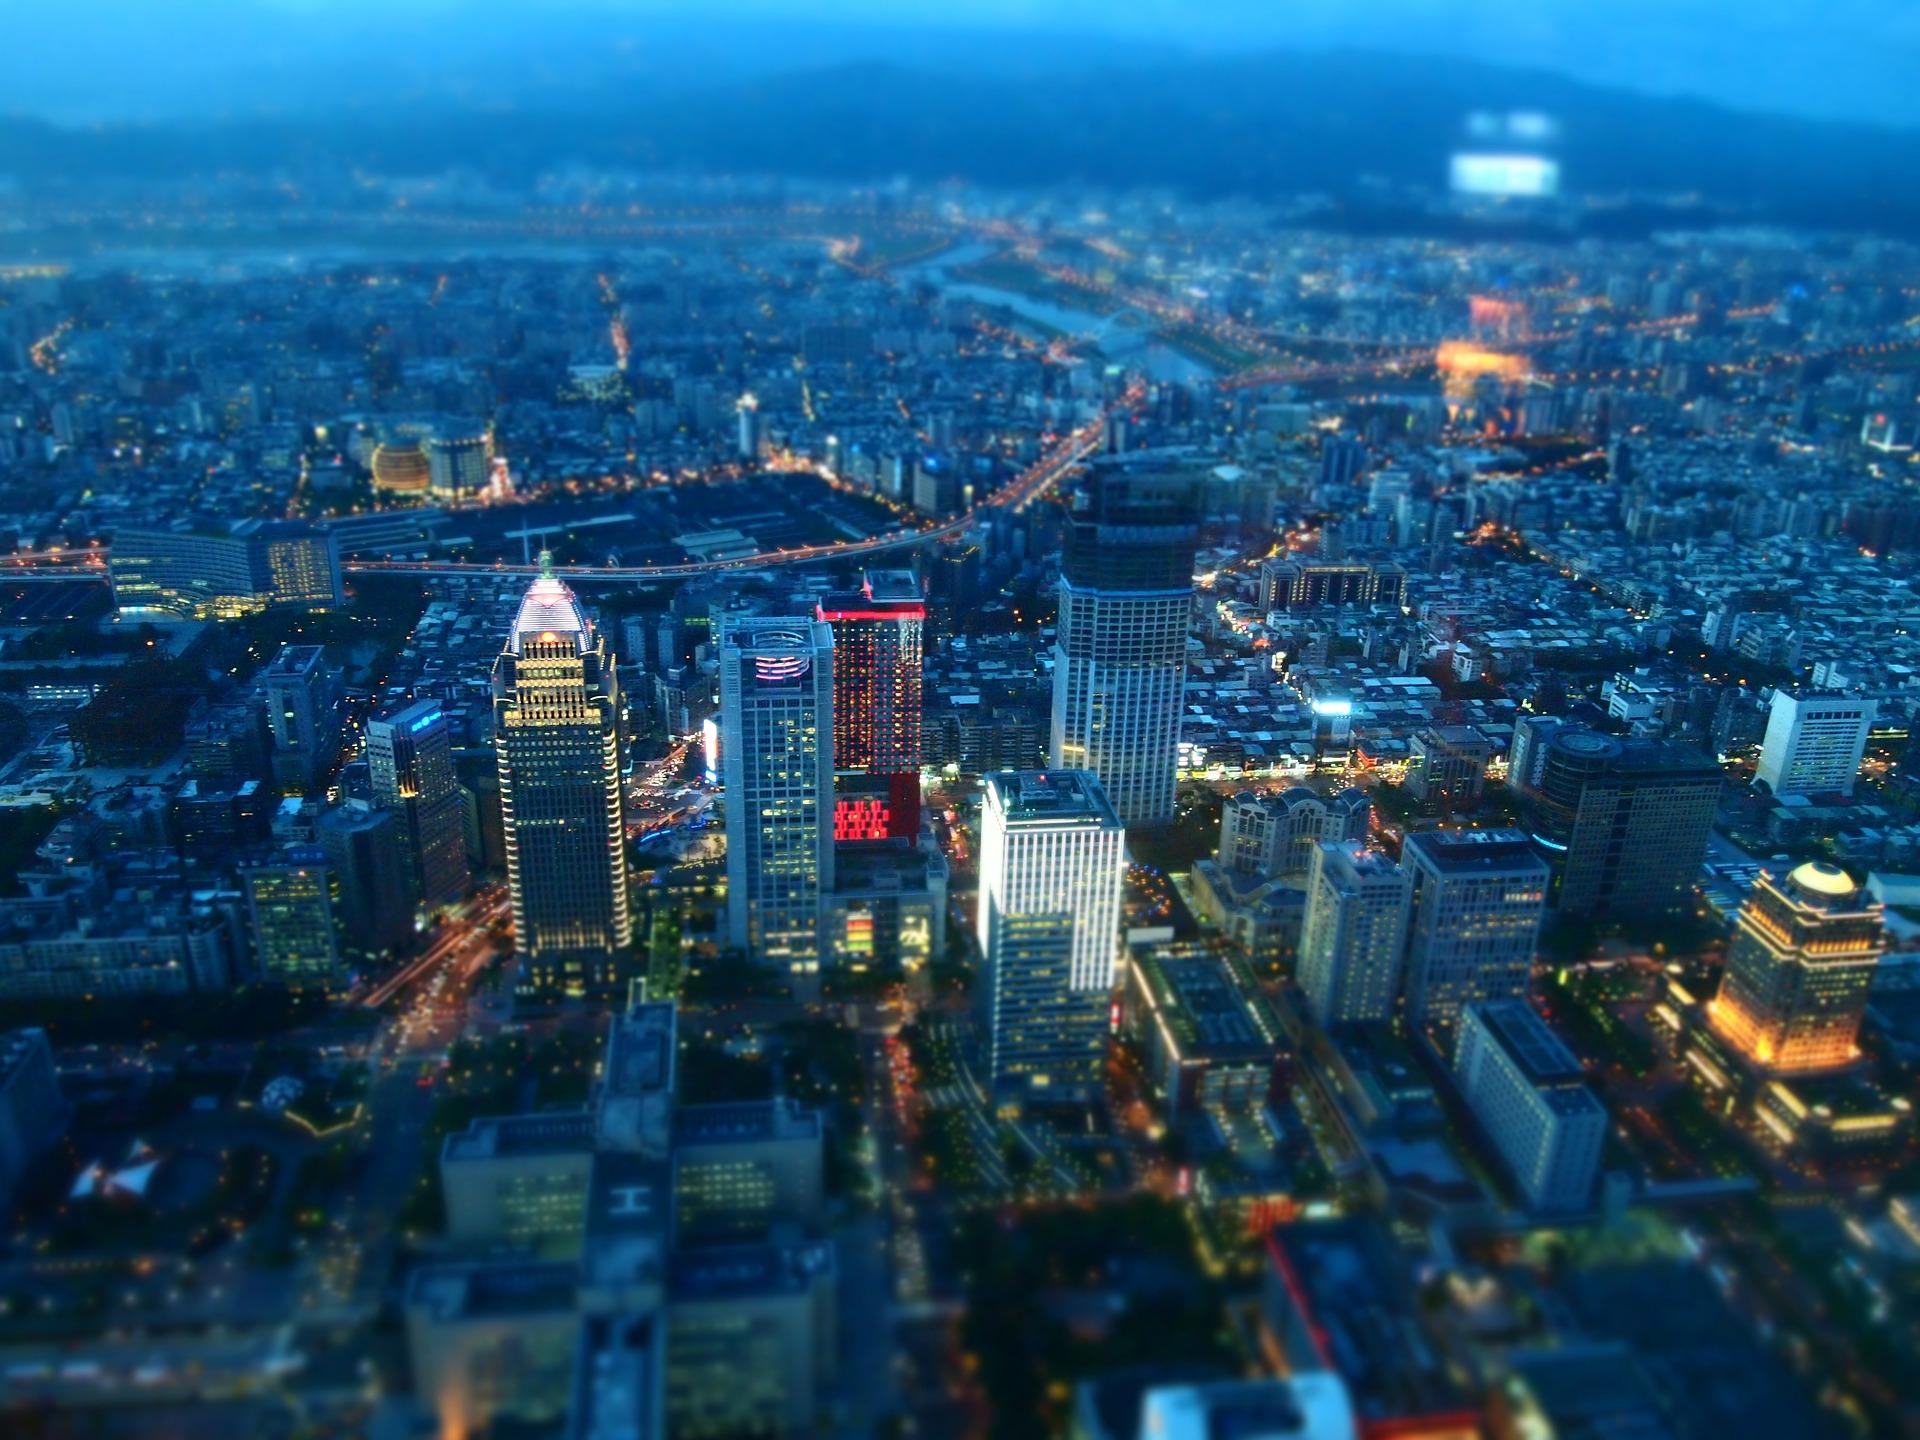 Taipei Tiltshift